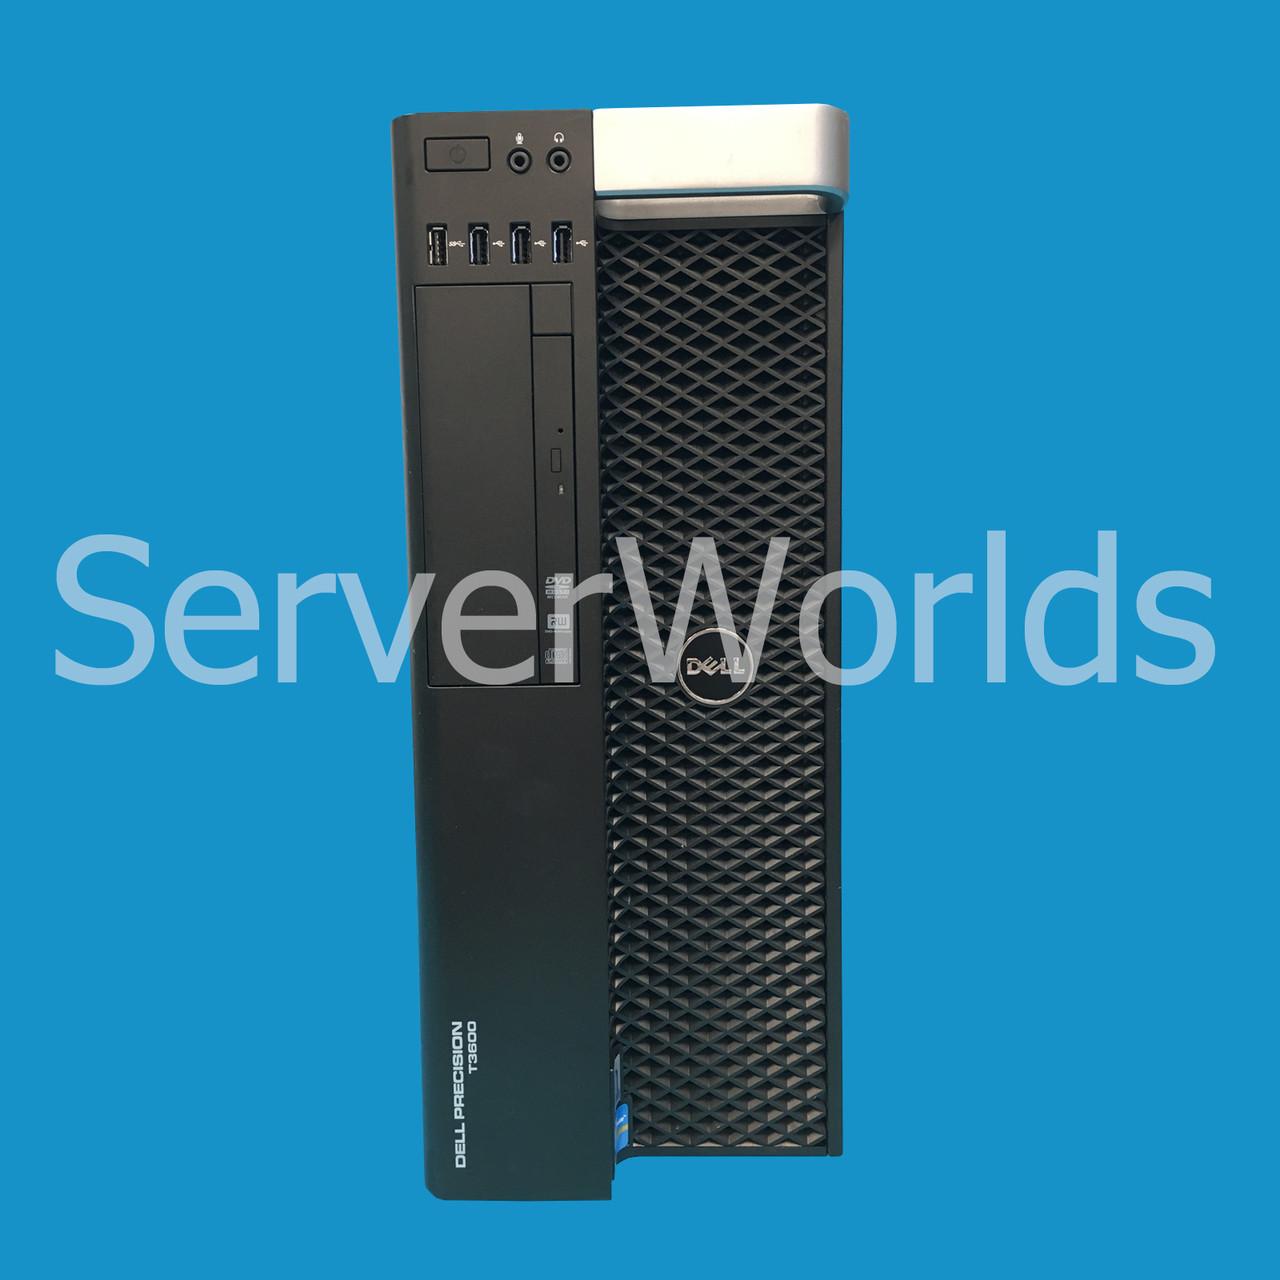 Dell Precision T3600 Seagate Desaru2D Drivers for Windows 7